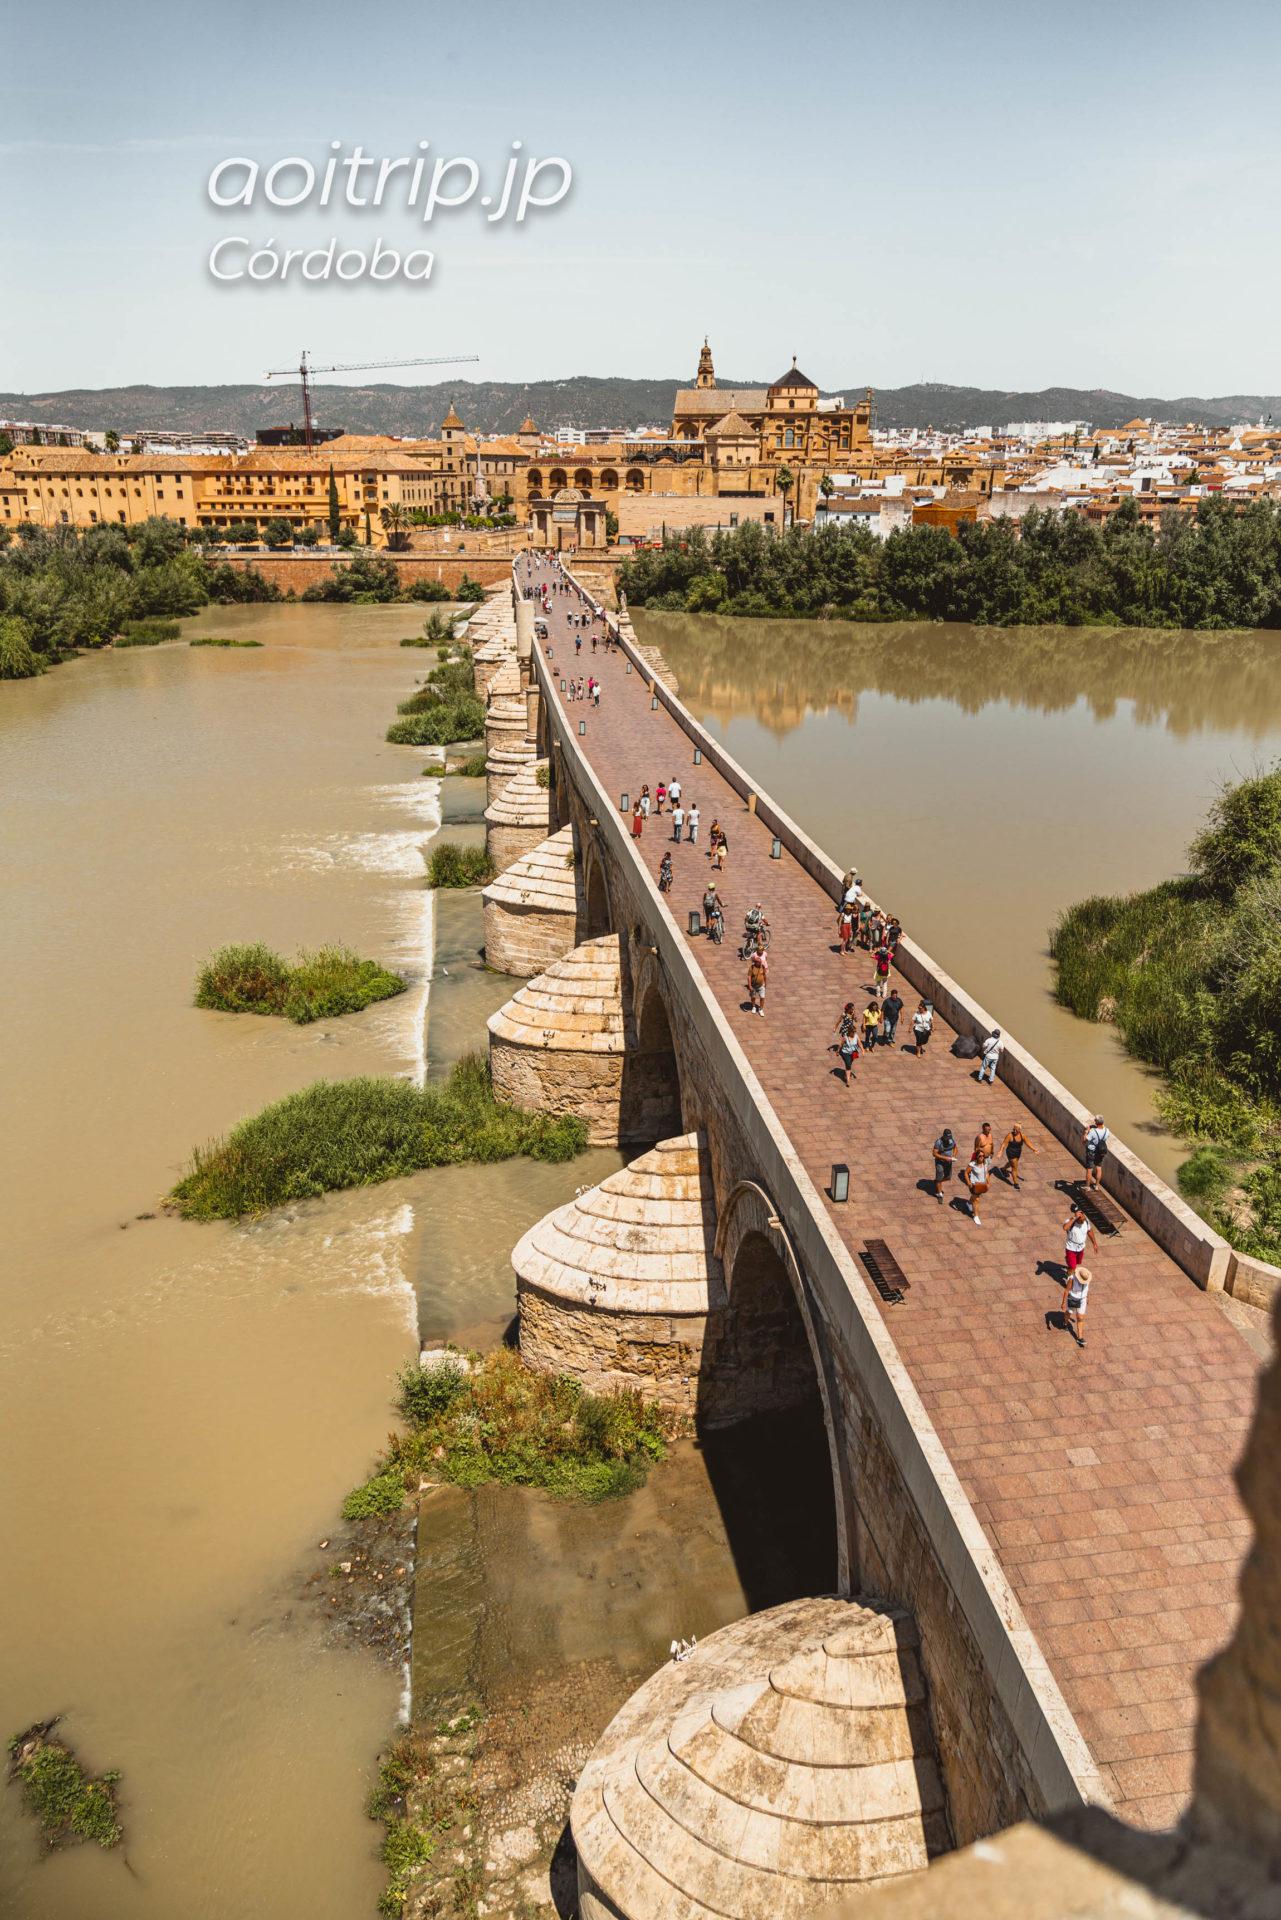 コルドバ ローマ橋とカラオーラの塔